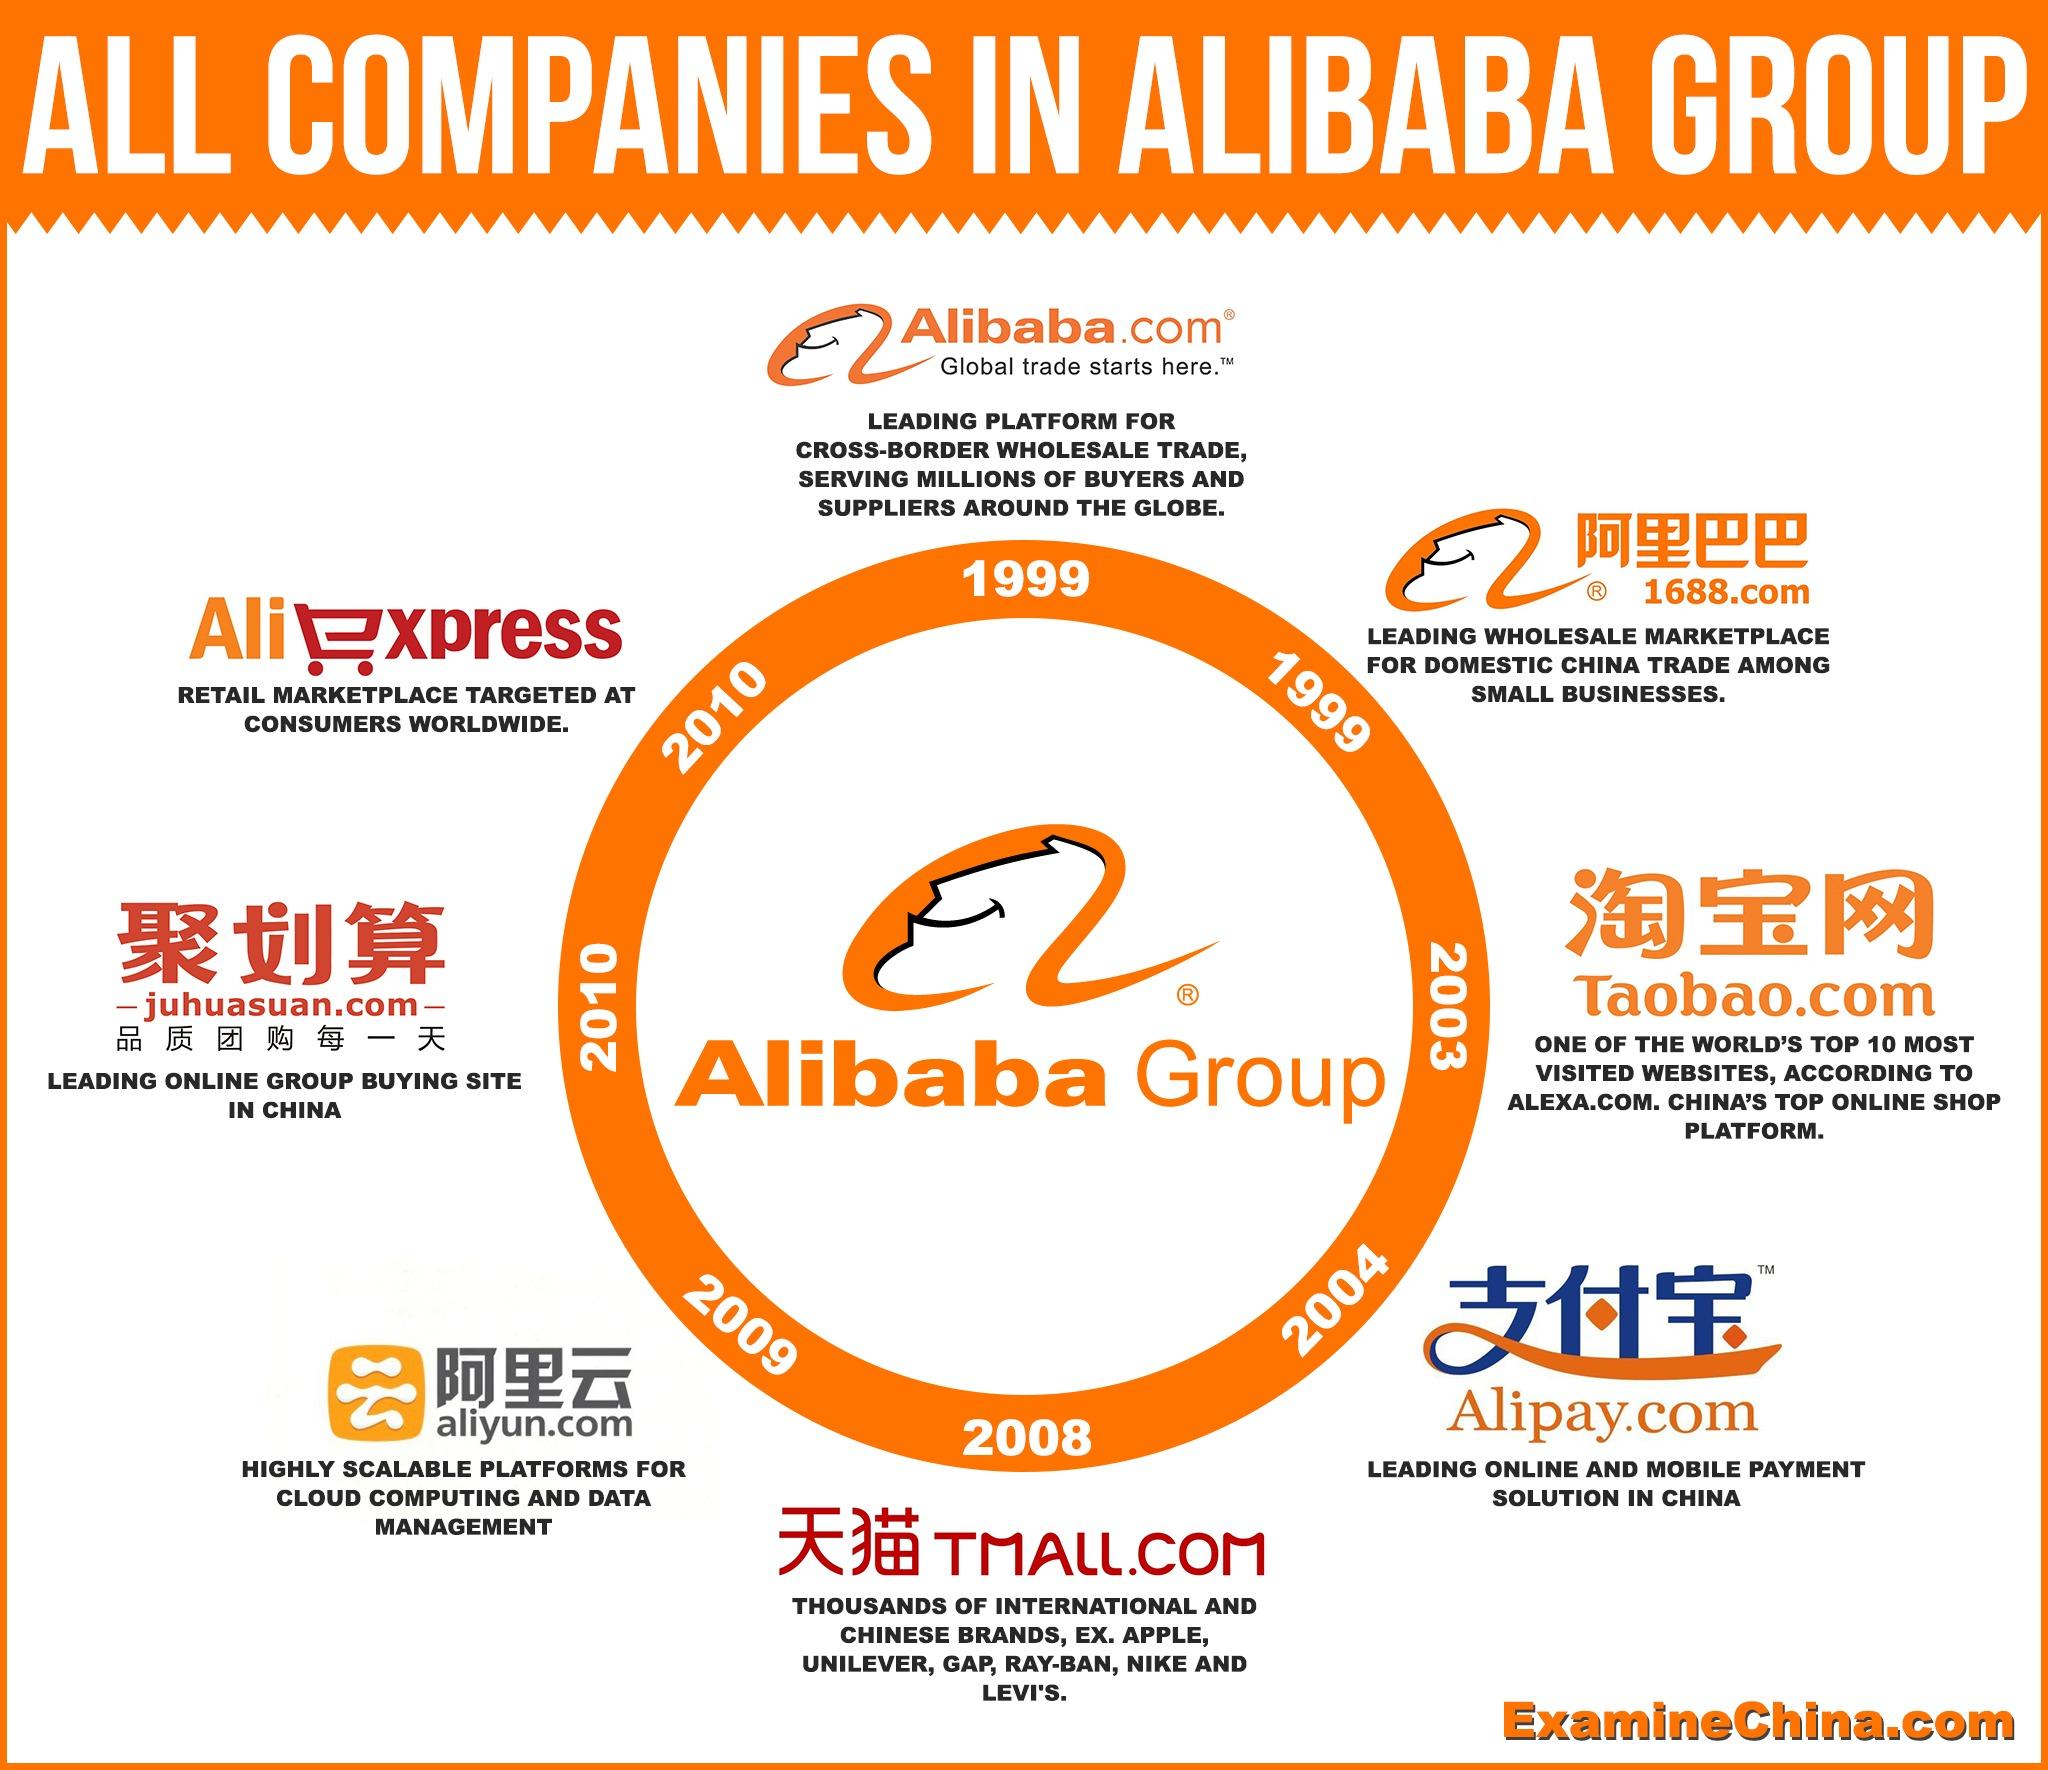 alibaba-group-ipo